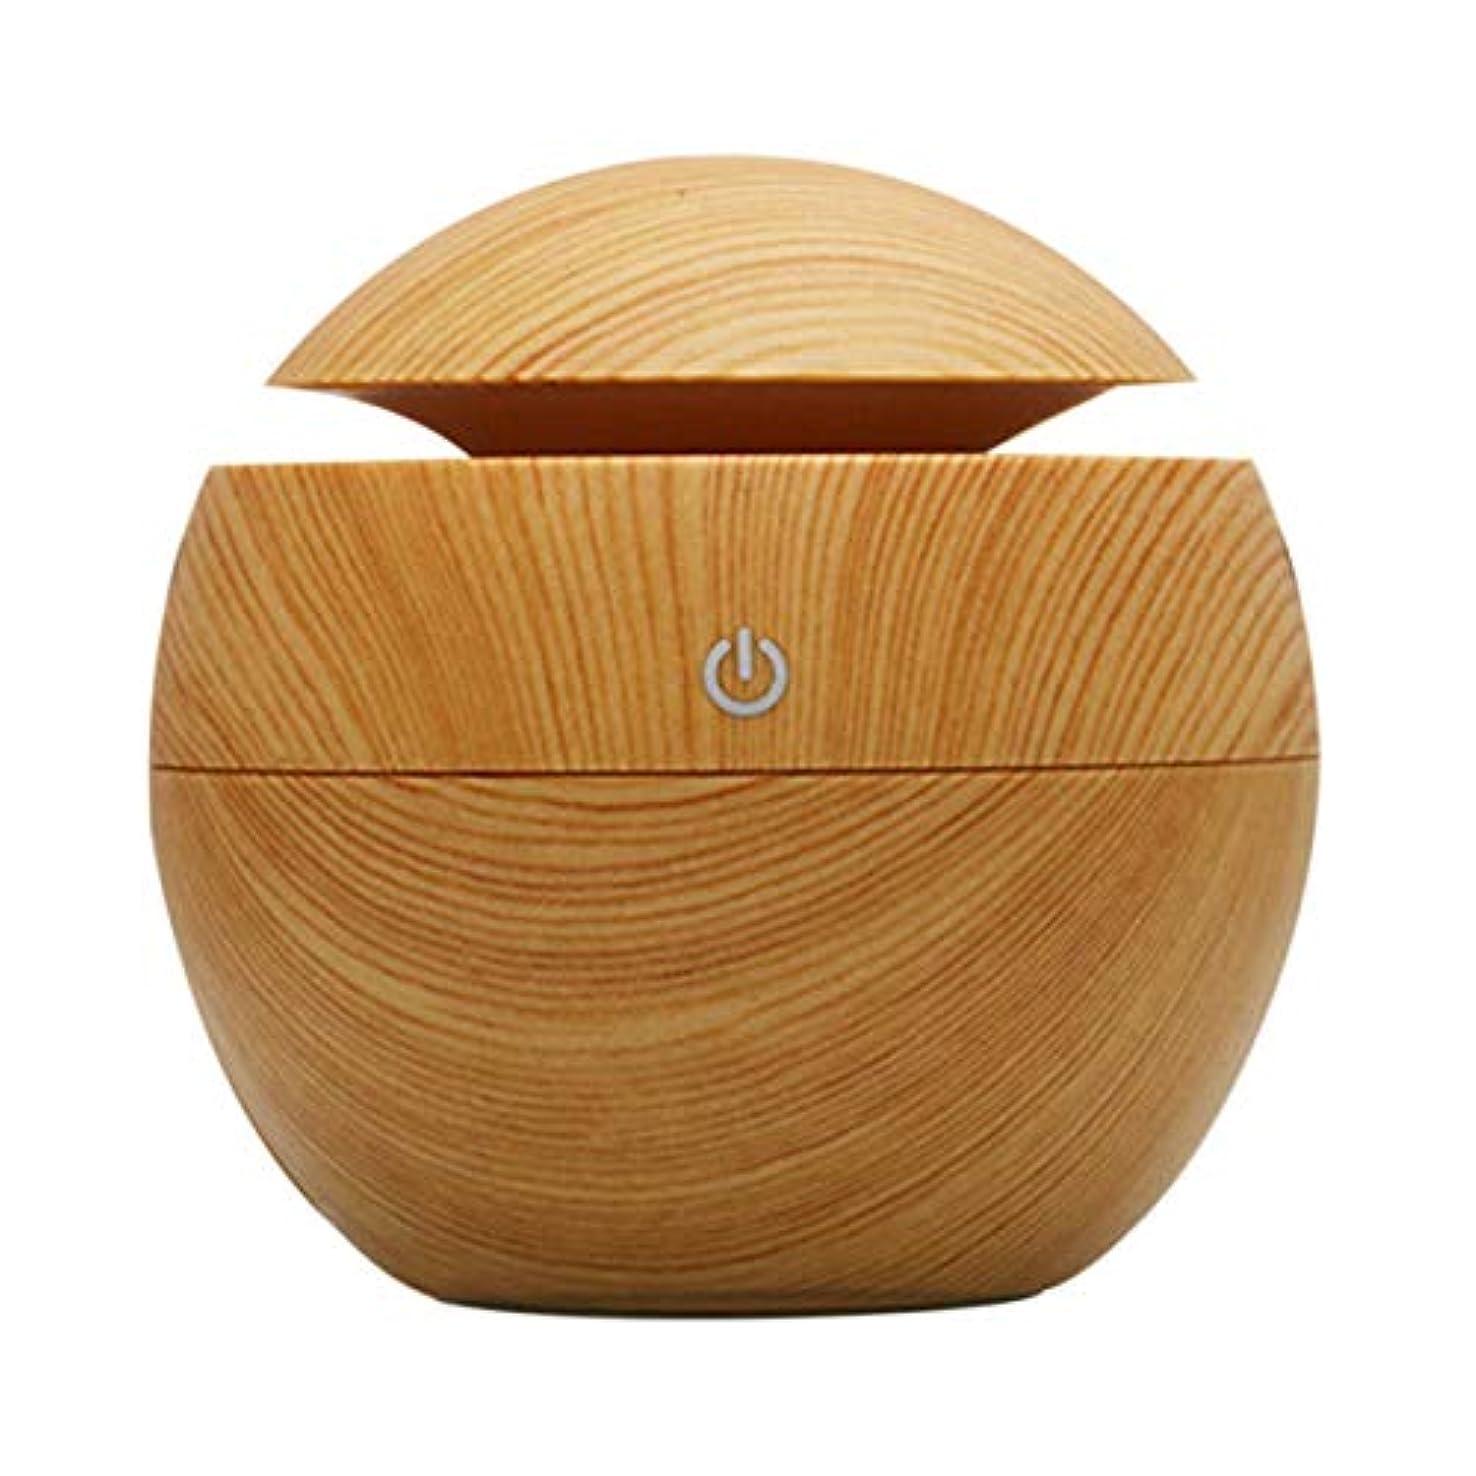 忘れる肺炎解釈Saikogoods 130mlのポータブルサイズの木製のホームオフィスアロマエッセンシャルオイルディフューザー超音波USB充電式ミスト加湿器 ライトウッドカラー